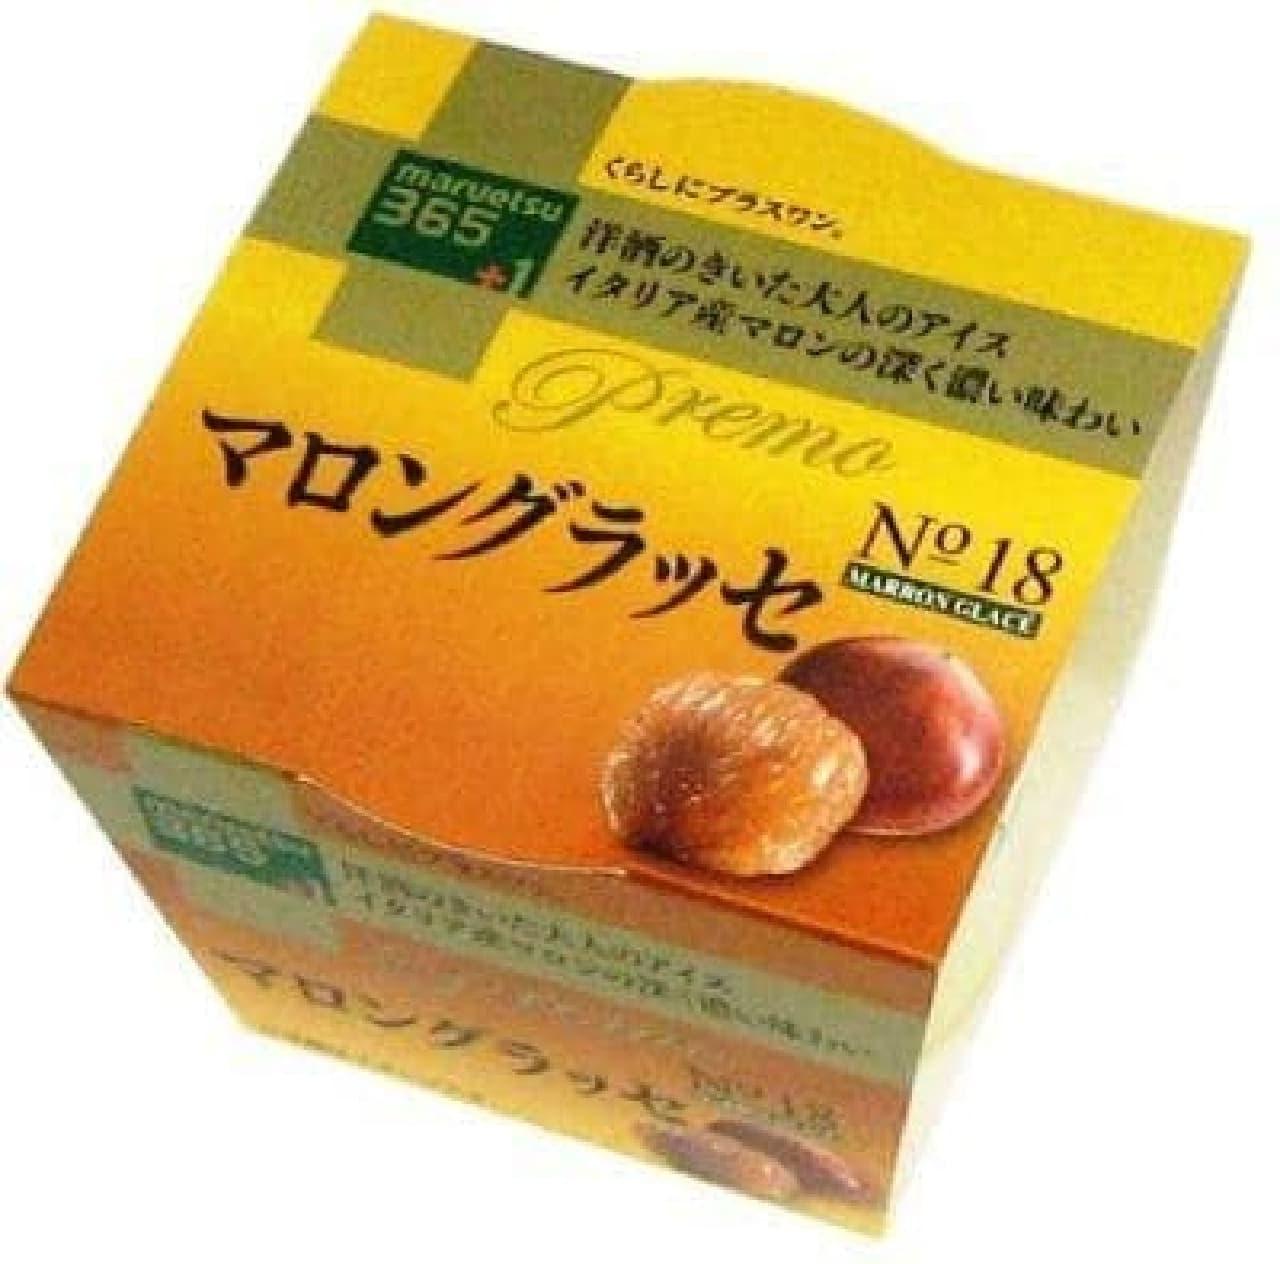 マルエツ「maruetsu365 Premo(プレモ)マロングラッセ」